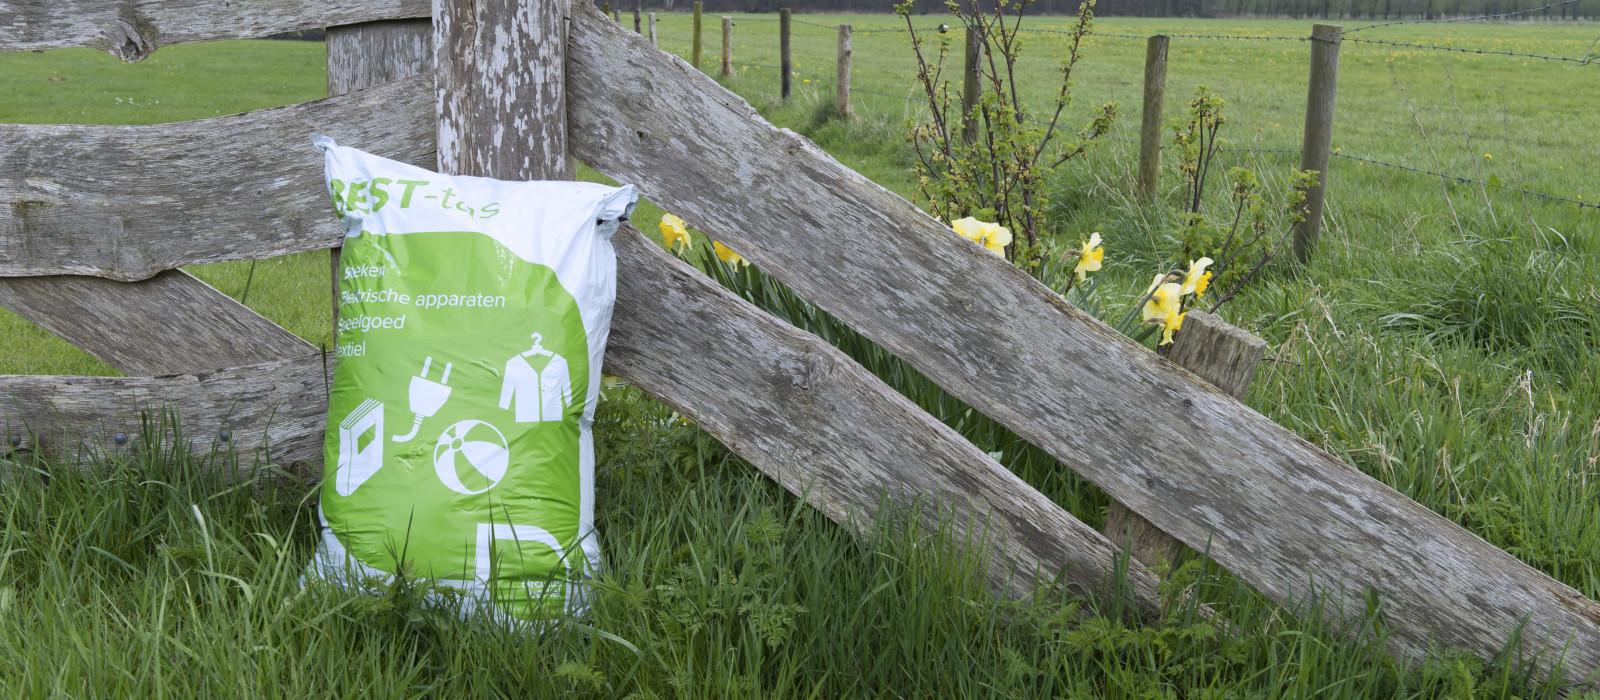 Doe ook mee met de BEST-tas! Gemeente Apeldoorn